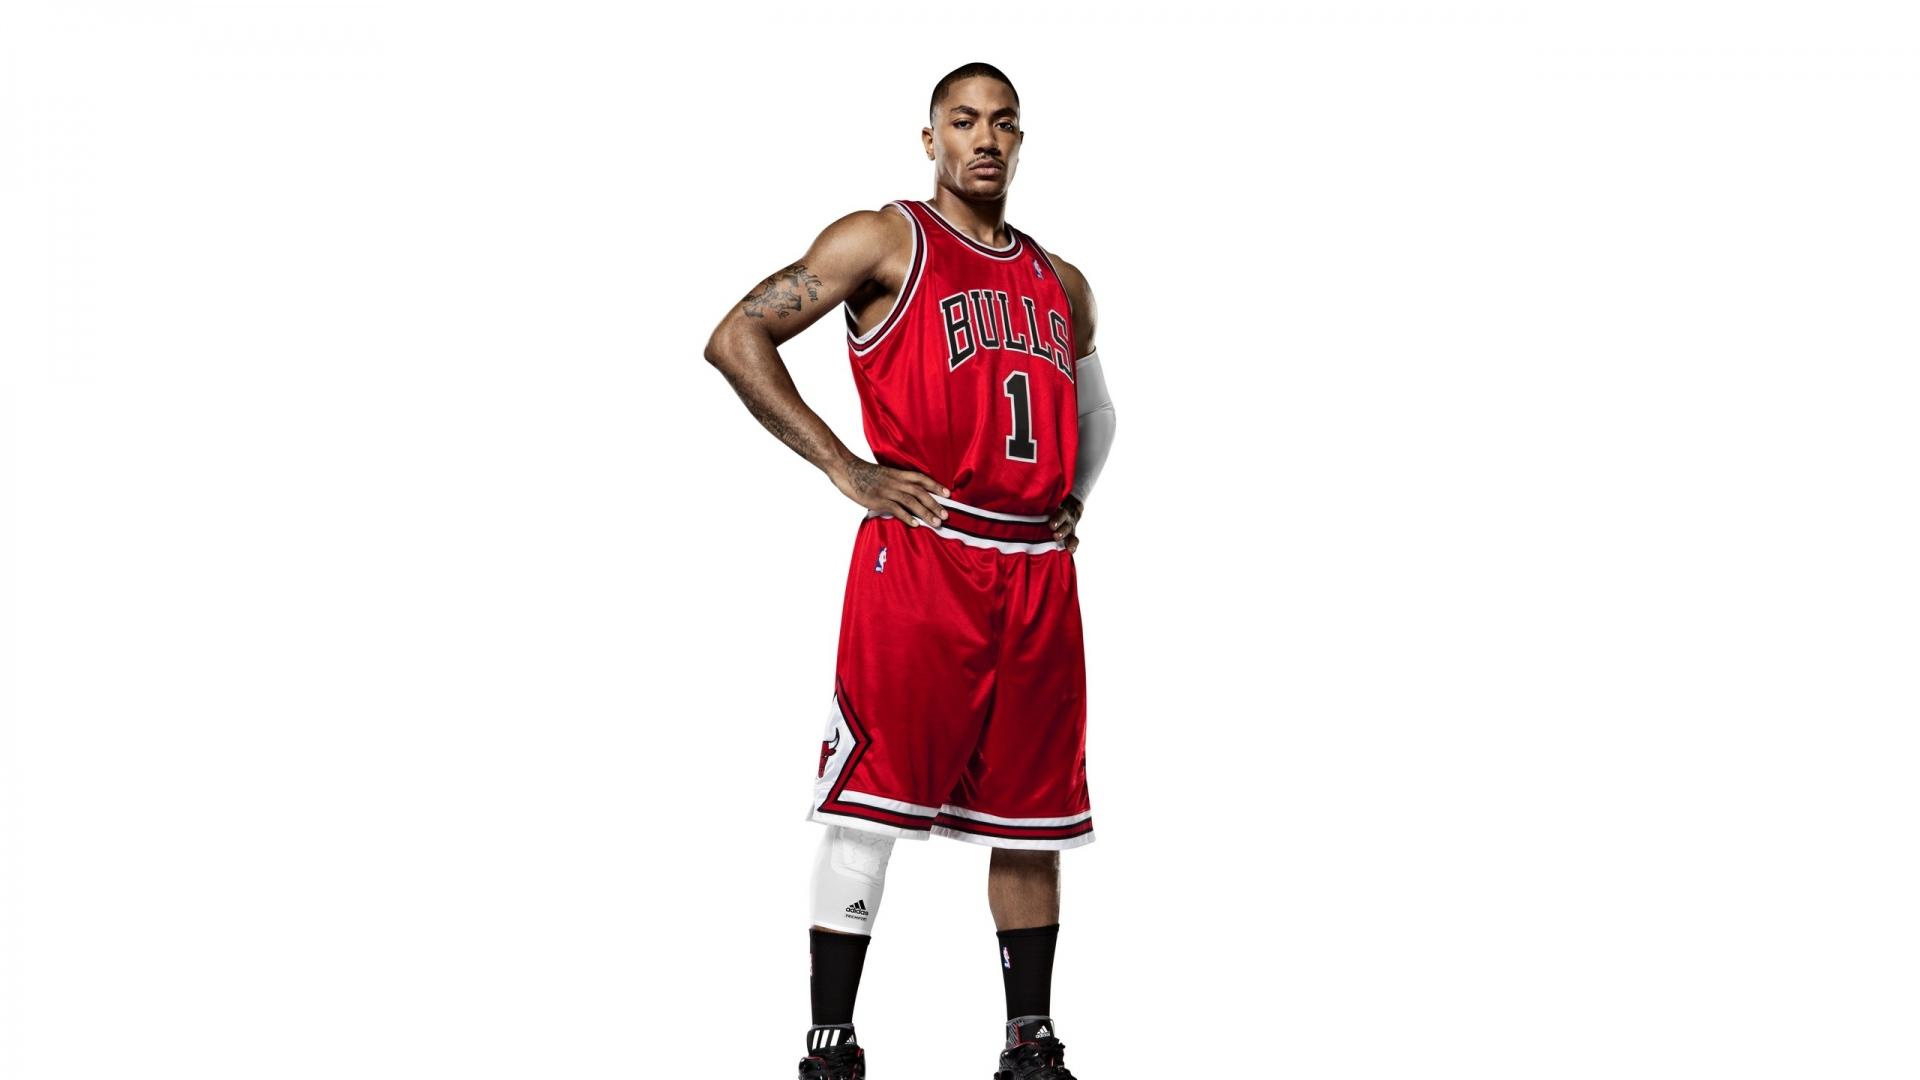 1920x1080 Wallpaper slam dunk derrick rose nba basketball chicago 1920x1080